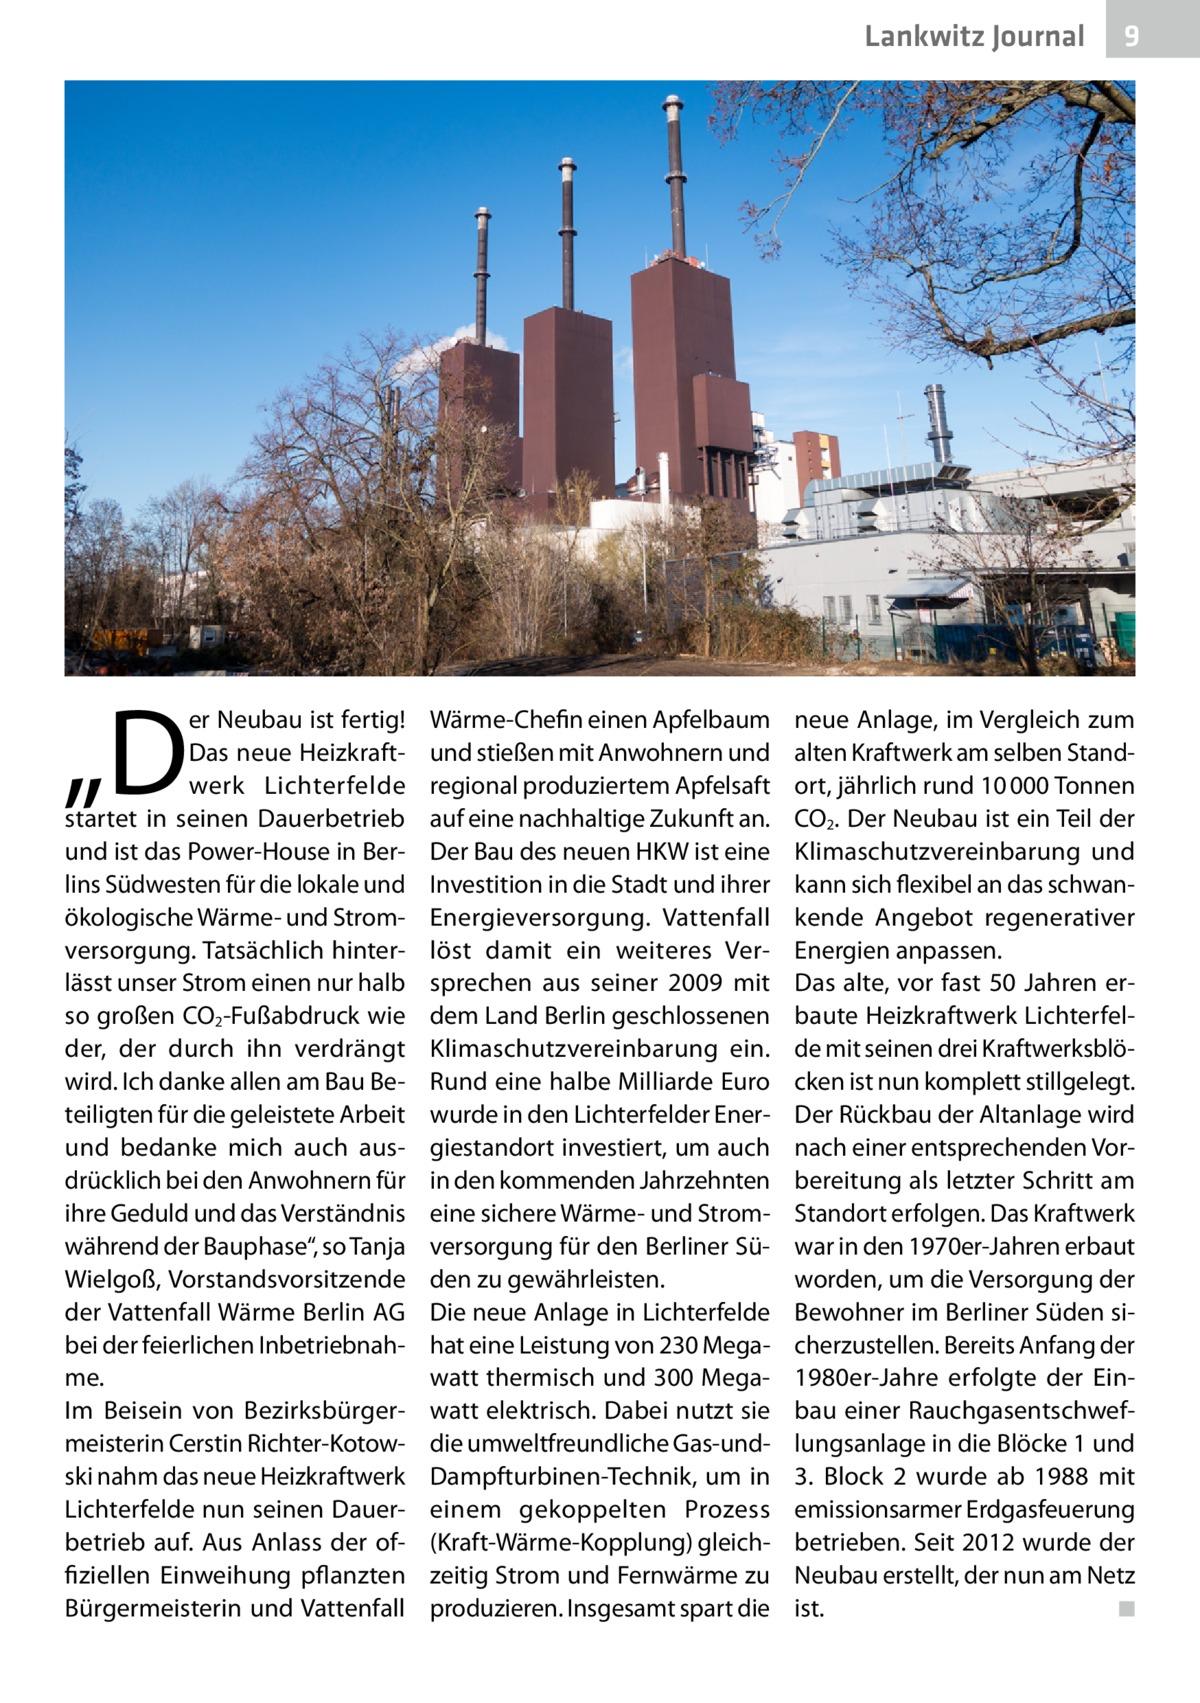 """Lankwitz Journal  """"D  er Neubau ist fertig! Das neue Heizkraftwerk Lichterfelde startet in seinen Dauerbetrieb und ist das Power-House in Berlins Südwesten für die lokale und ökologische Wärme- und Stromversorgung. Tatsächlich hinterlässt unser Strom einen nur halb so großen CO2-Fußabdruck wie der, der durch ihn verdrängt wird. Ich danke allen am Bau Beteiligten für die geleistete Arbeit und bedanke mich auch ausdrücklich bei den Anwohnern für ihre Geduld und das Verständnis während der Bauphase"""", so Tanja Wielgoß, Vorstandsvorsitzende der Vattenfall Wärme Berlin AG bei der feierlichen Inbetriebnahme. Im Beisein von Bezirksbürgermeisterin Cerstin Richter-Kotowski nahm das neue Heizkraftwerk Lichterfelde nun seinen Dauerbetrieb auf. Aus Anlass der offiziellen Einweihung pflanzten Bürgermeisterin und Vattenfall  Wärme-Chefin einen Apfelbaum und stießen mit Anwohnern und regional produziertem Apfelsaft auf eine nachhaltige Zukunft an. Der Bau des neuen HKW ist eine Investition in die Stadt und ihrer Energieversorgung. Vattenfall löst damit ein weiteres Versprechen aus seiner 2009 mit dem Land Berlin geschlossenen Klimaschutzvereinbarung ein. Rund eine halbe Milliarde Euro wurde in den Lichterfelder Energiestandort investiert, um auch in den kommenden Jahrzehnten eine sichere Wärme- und Stromversorgung für den Berliner Süden zu gewährleisten. Die neue Anlage in Lichterfelde hat eine Leistung von 230Megawatt thermisch und 300Megawatt elektrisch. Dabei nutzt sie die umweltfreundliche Gas-undDampfturbinen-Technik, um in einem gekoppelten Prozess (Kraft-Wärme-Kopplung) gleichzeitig Strom und Fernwärme zu produzieren. Insgesamt spart die  9  neue Anlage, im Vergleich zum alten Kraftwerk am selben Standort, jährlich rund 10000Tonnen CO2. Der Neubau ist ein Teil der Klimaschutzvereinbarung und kann sich flexibel an das schwankende Angebot regenerativer Energien anpassen. Das alte, vor fast 50Jahren erbaute Heizkraftwerk Lichterfelde mit seinen drei Kraftwerksblöcken ist nun ko"""